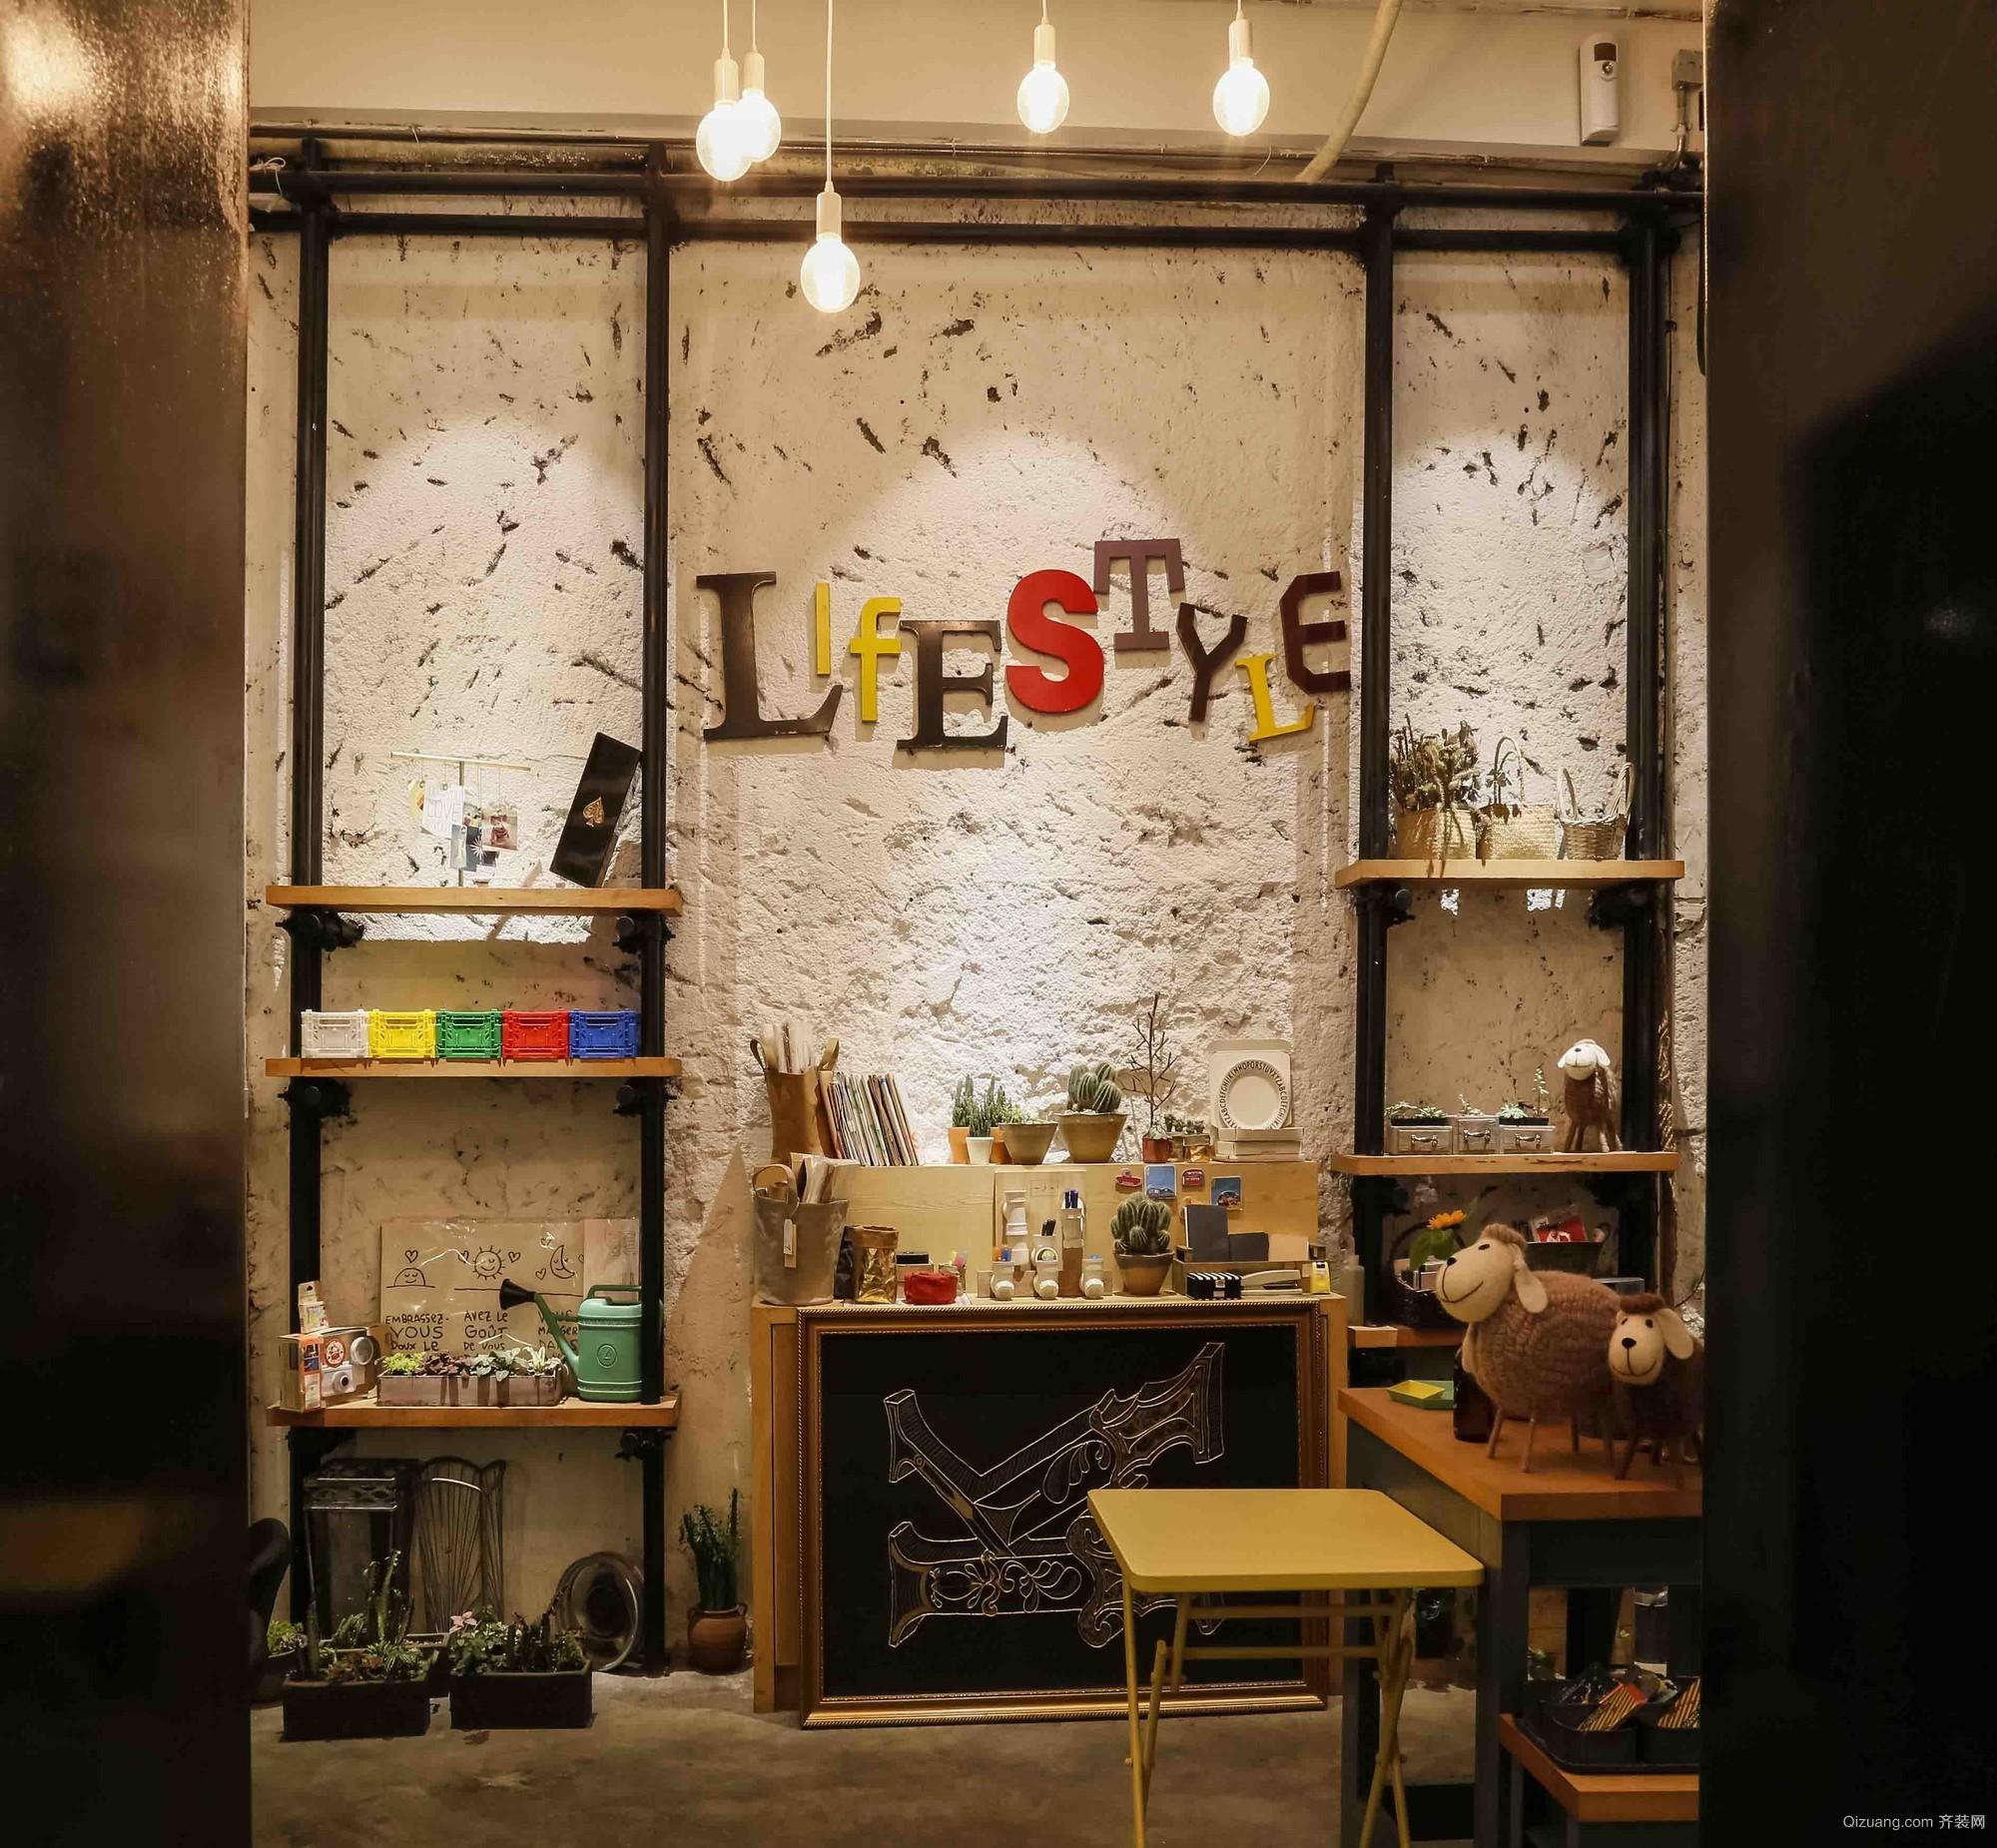 CHELLO咖啡店混搭风格装修效果图实景图